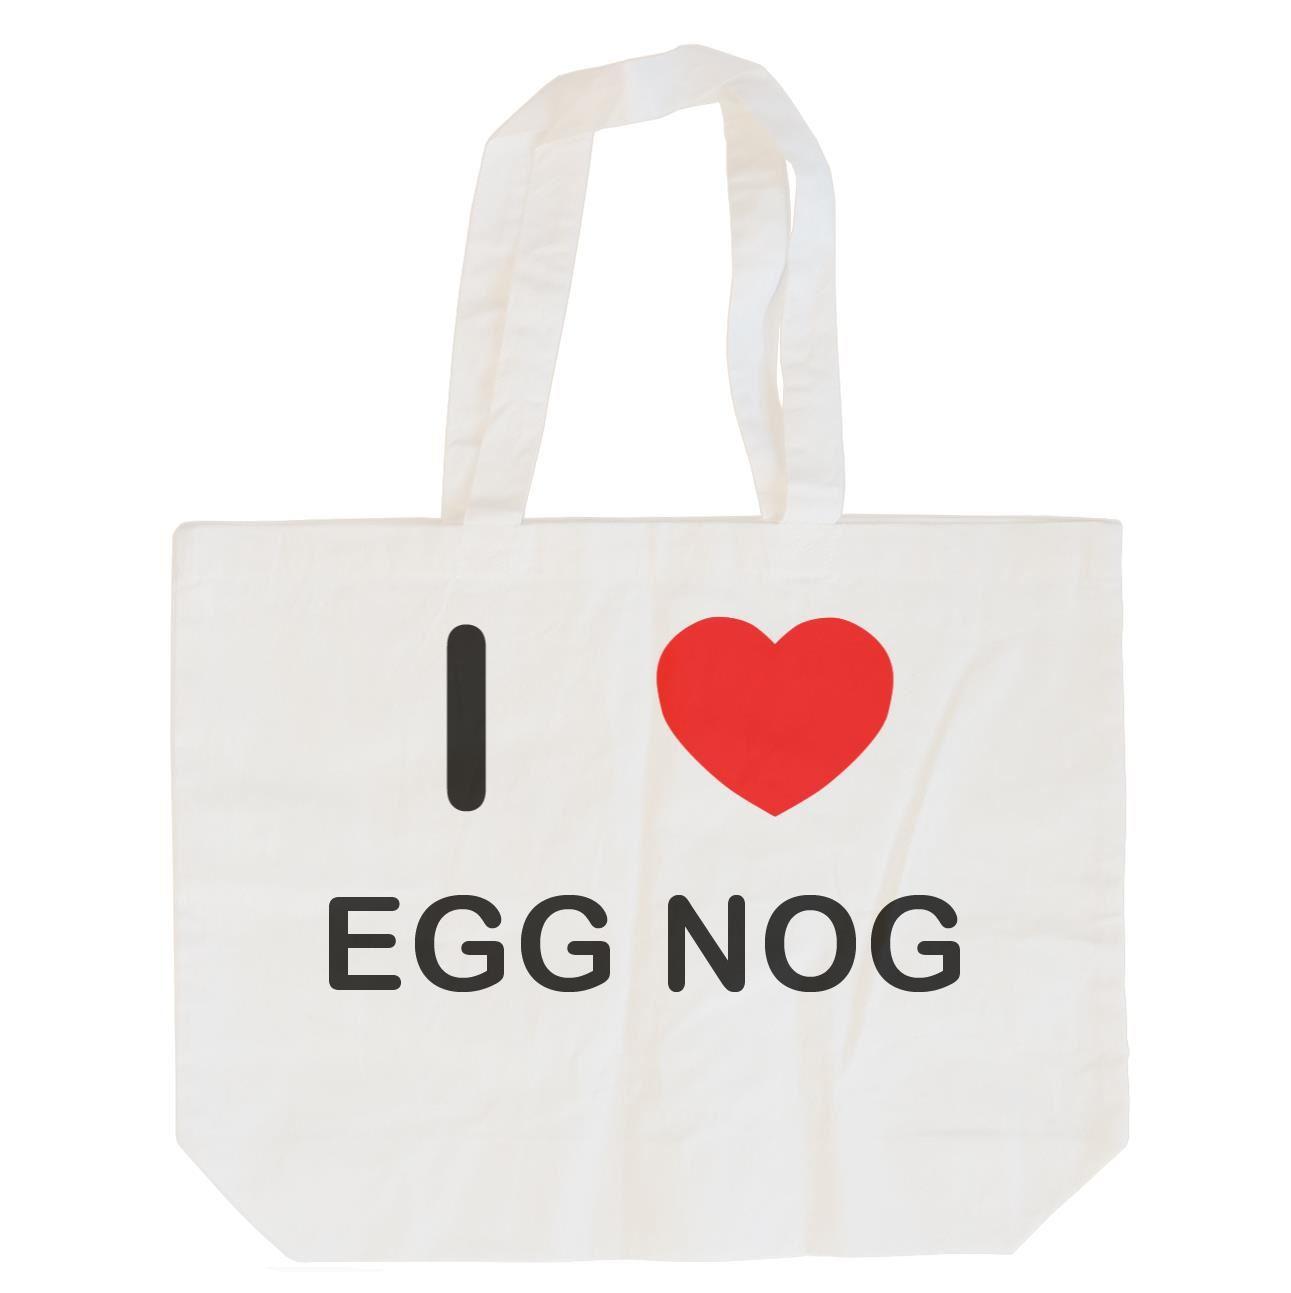 I Love Egg Nog - Cotton Bag | Size choice Tote, Shopper or Sling